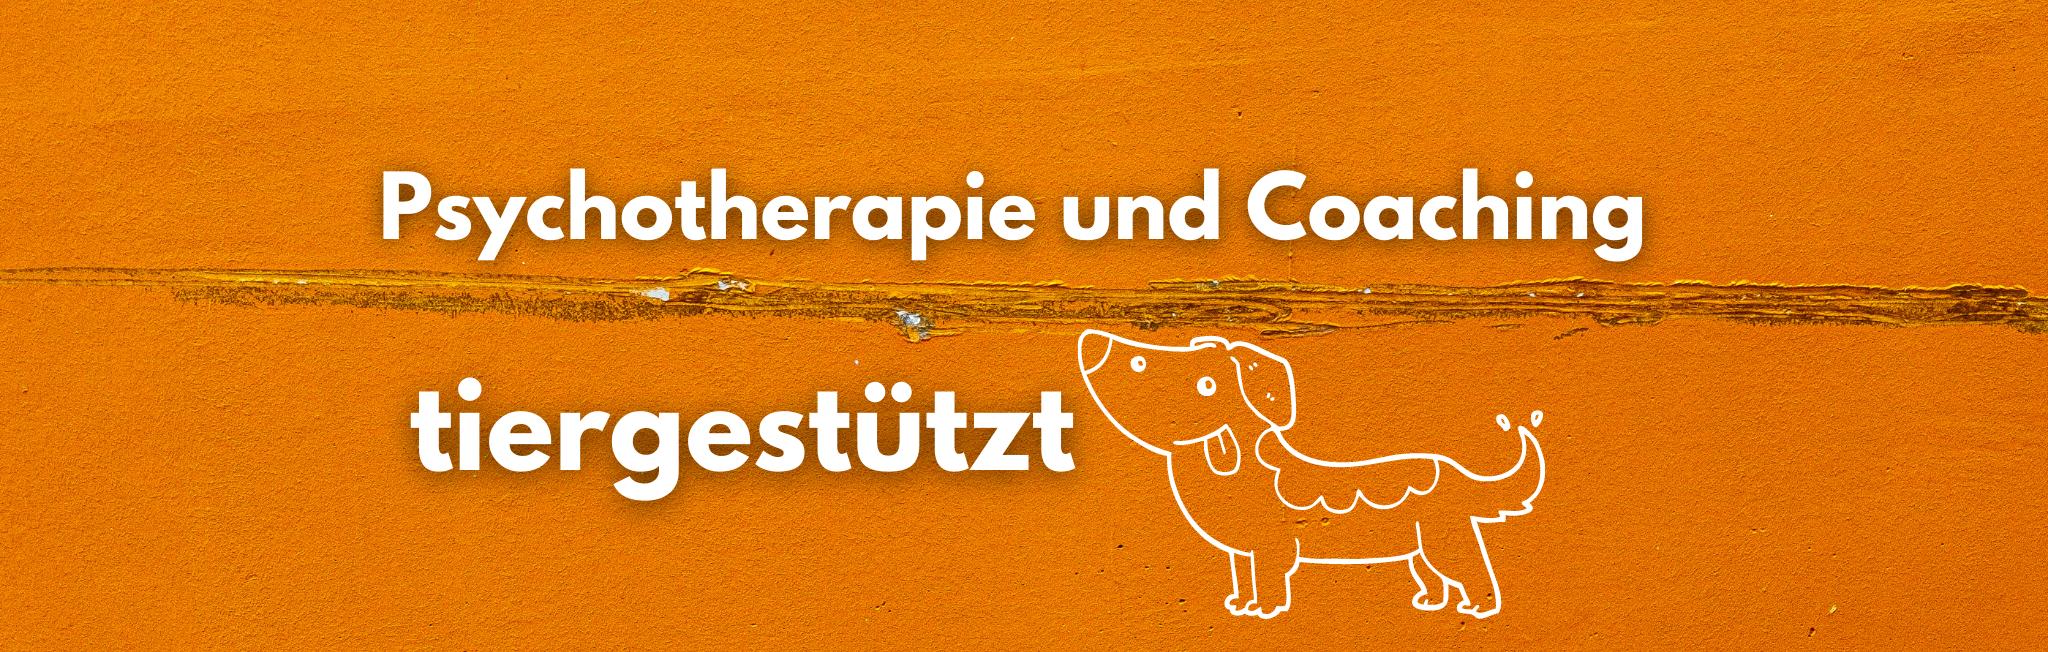 Psychotherapie & Coaching tiergestützt? Erfahre hier mehr!